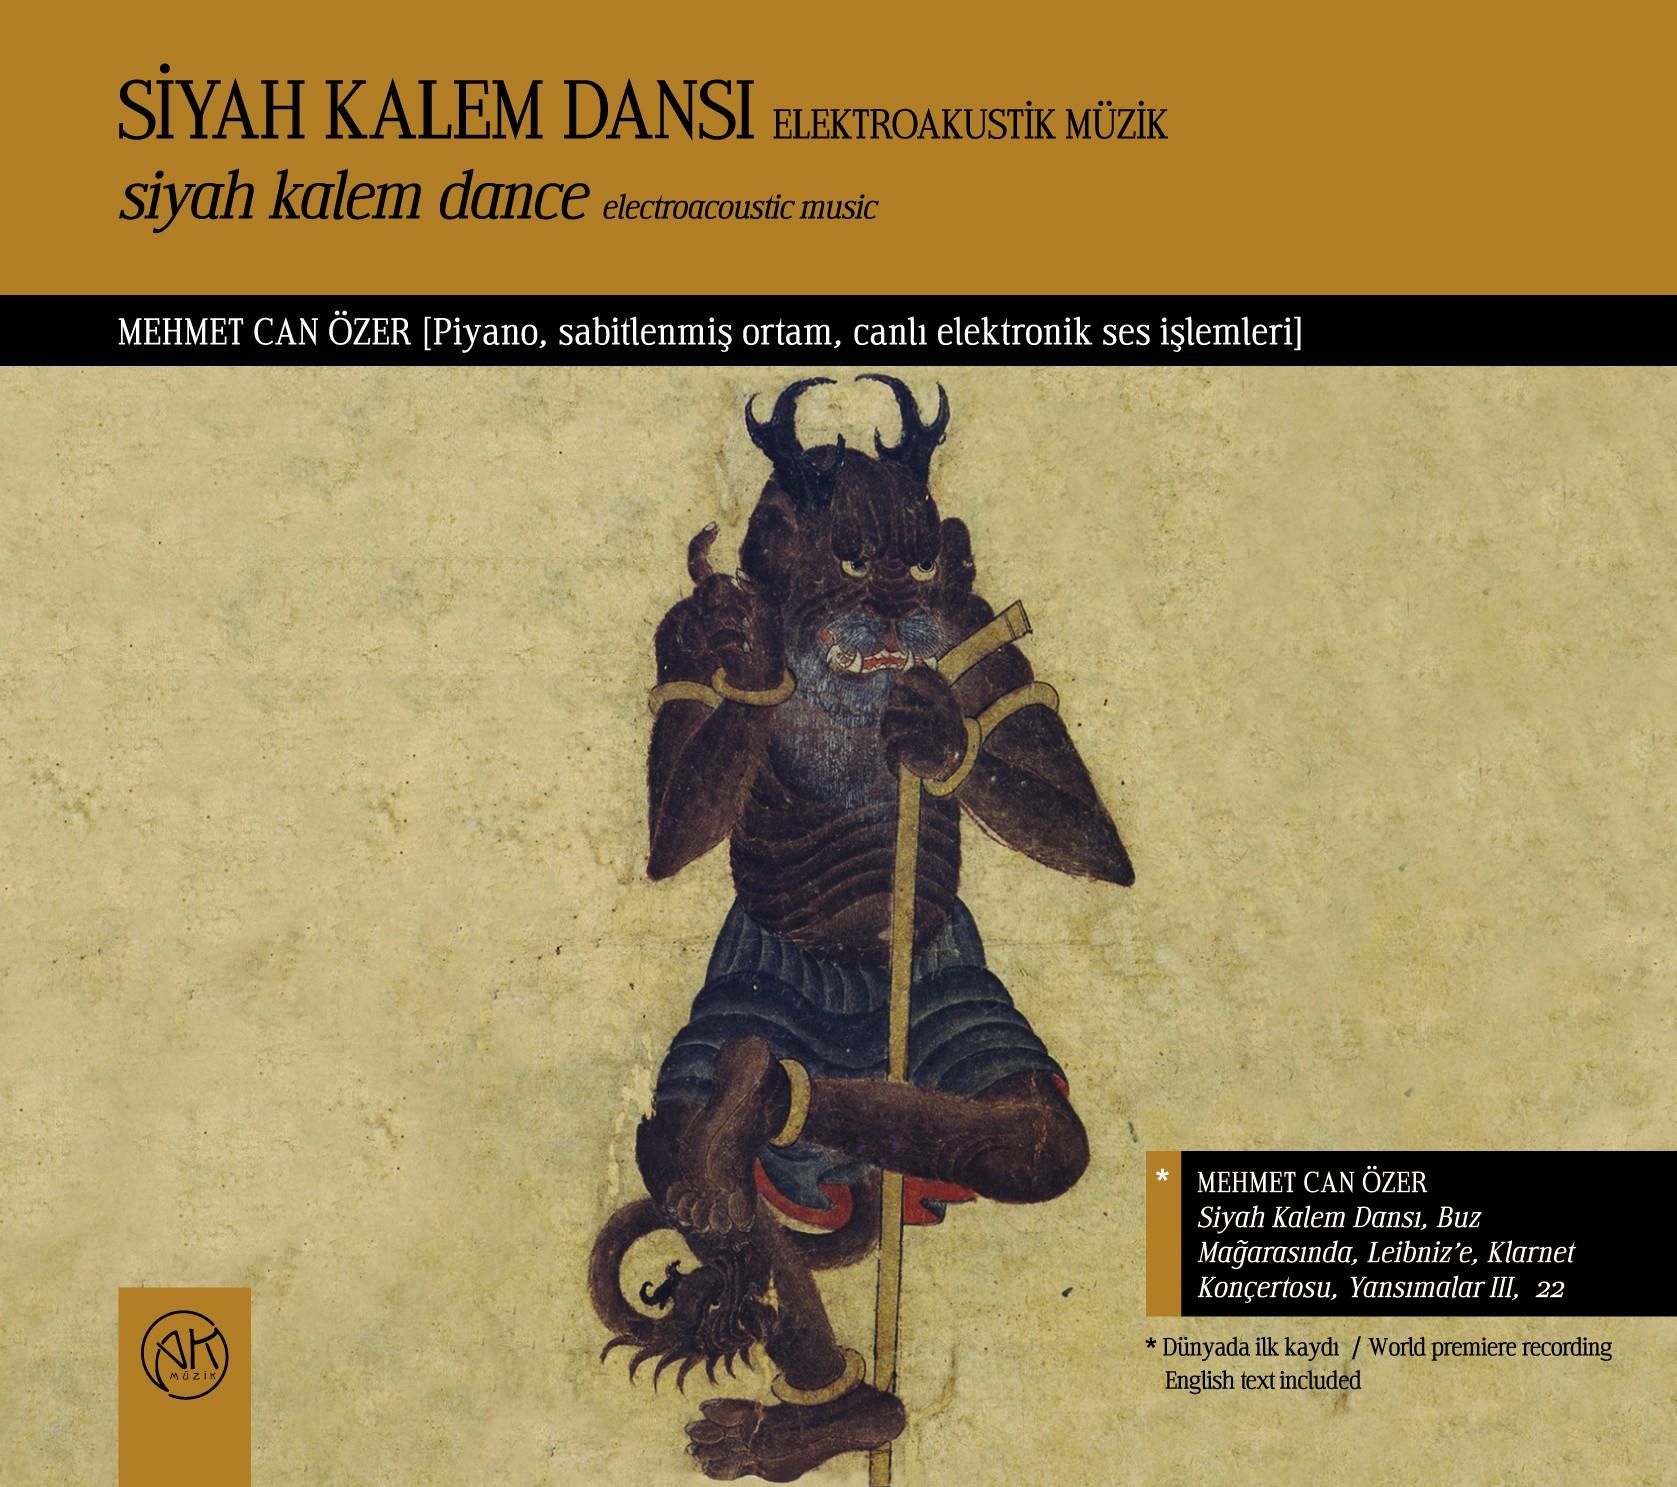 Mehmet Can Özer: Siyah Kalem Dansı –Elektroakustik Müzik - CD - Opus3a